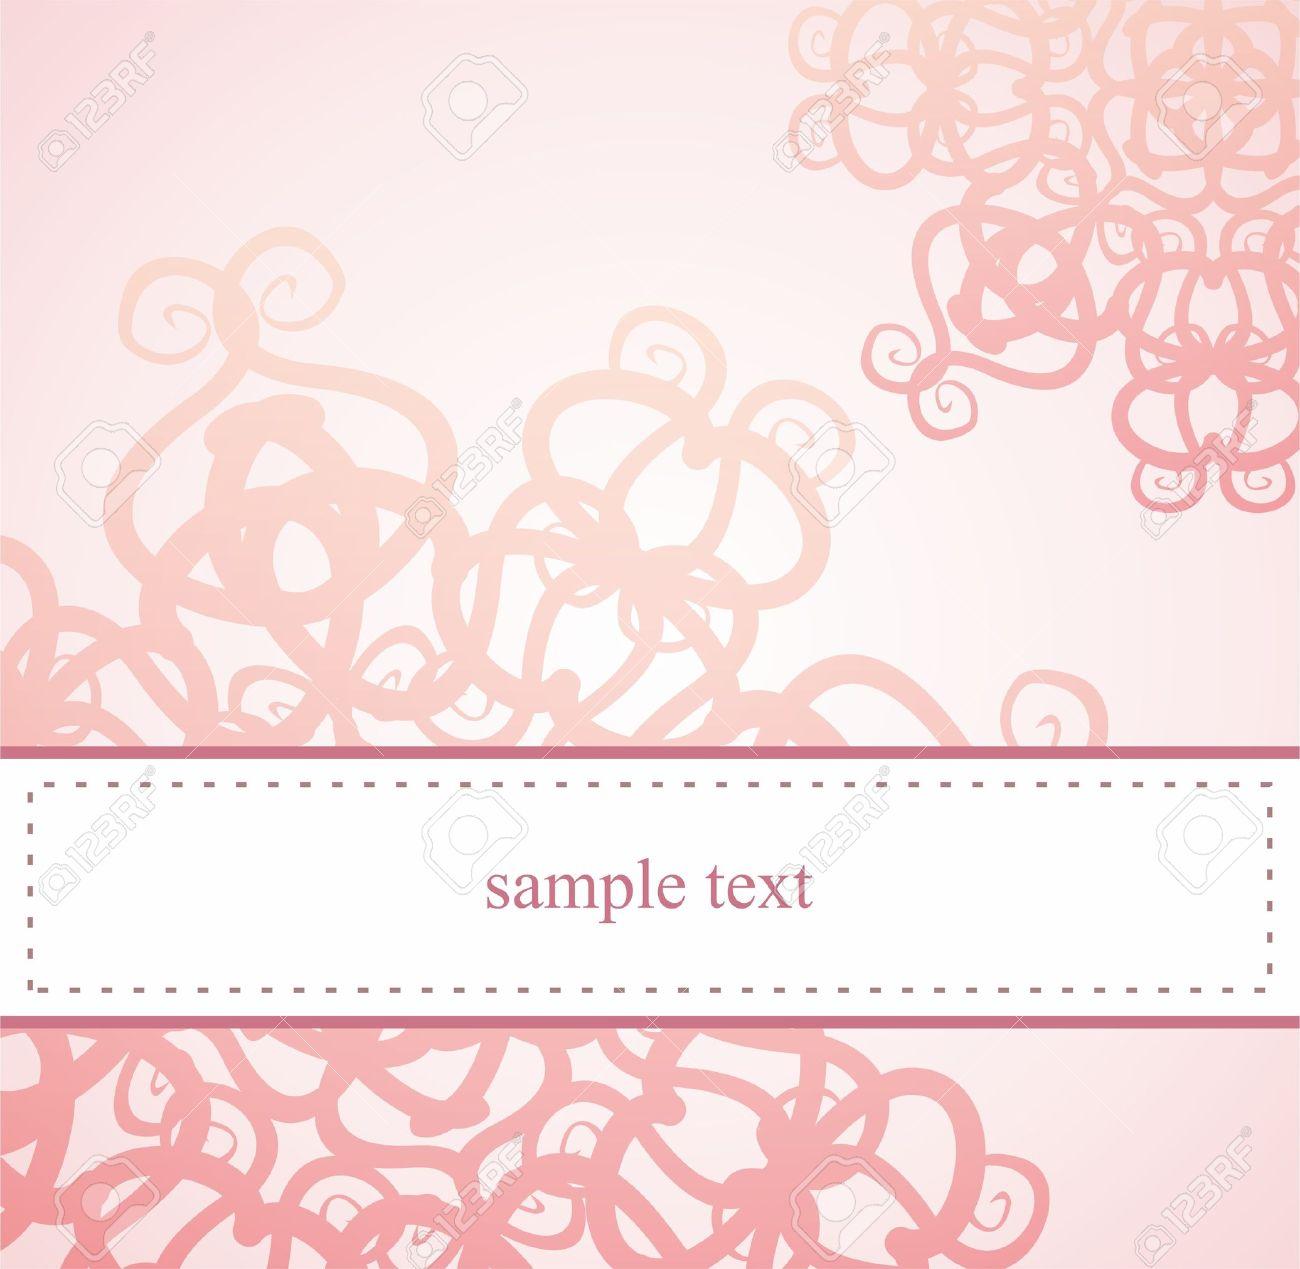 Tarjeta Elegante Classic O Invitación Para La Fiesta Cumpleaños Baby Shower O Boda Con Rosa Con Adornos Florales Abstractos Y El Espacio En Blanco